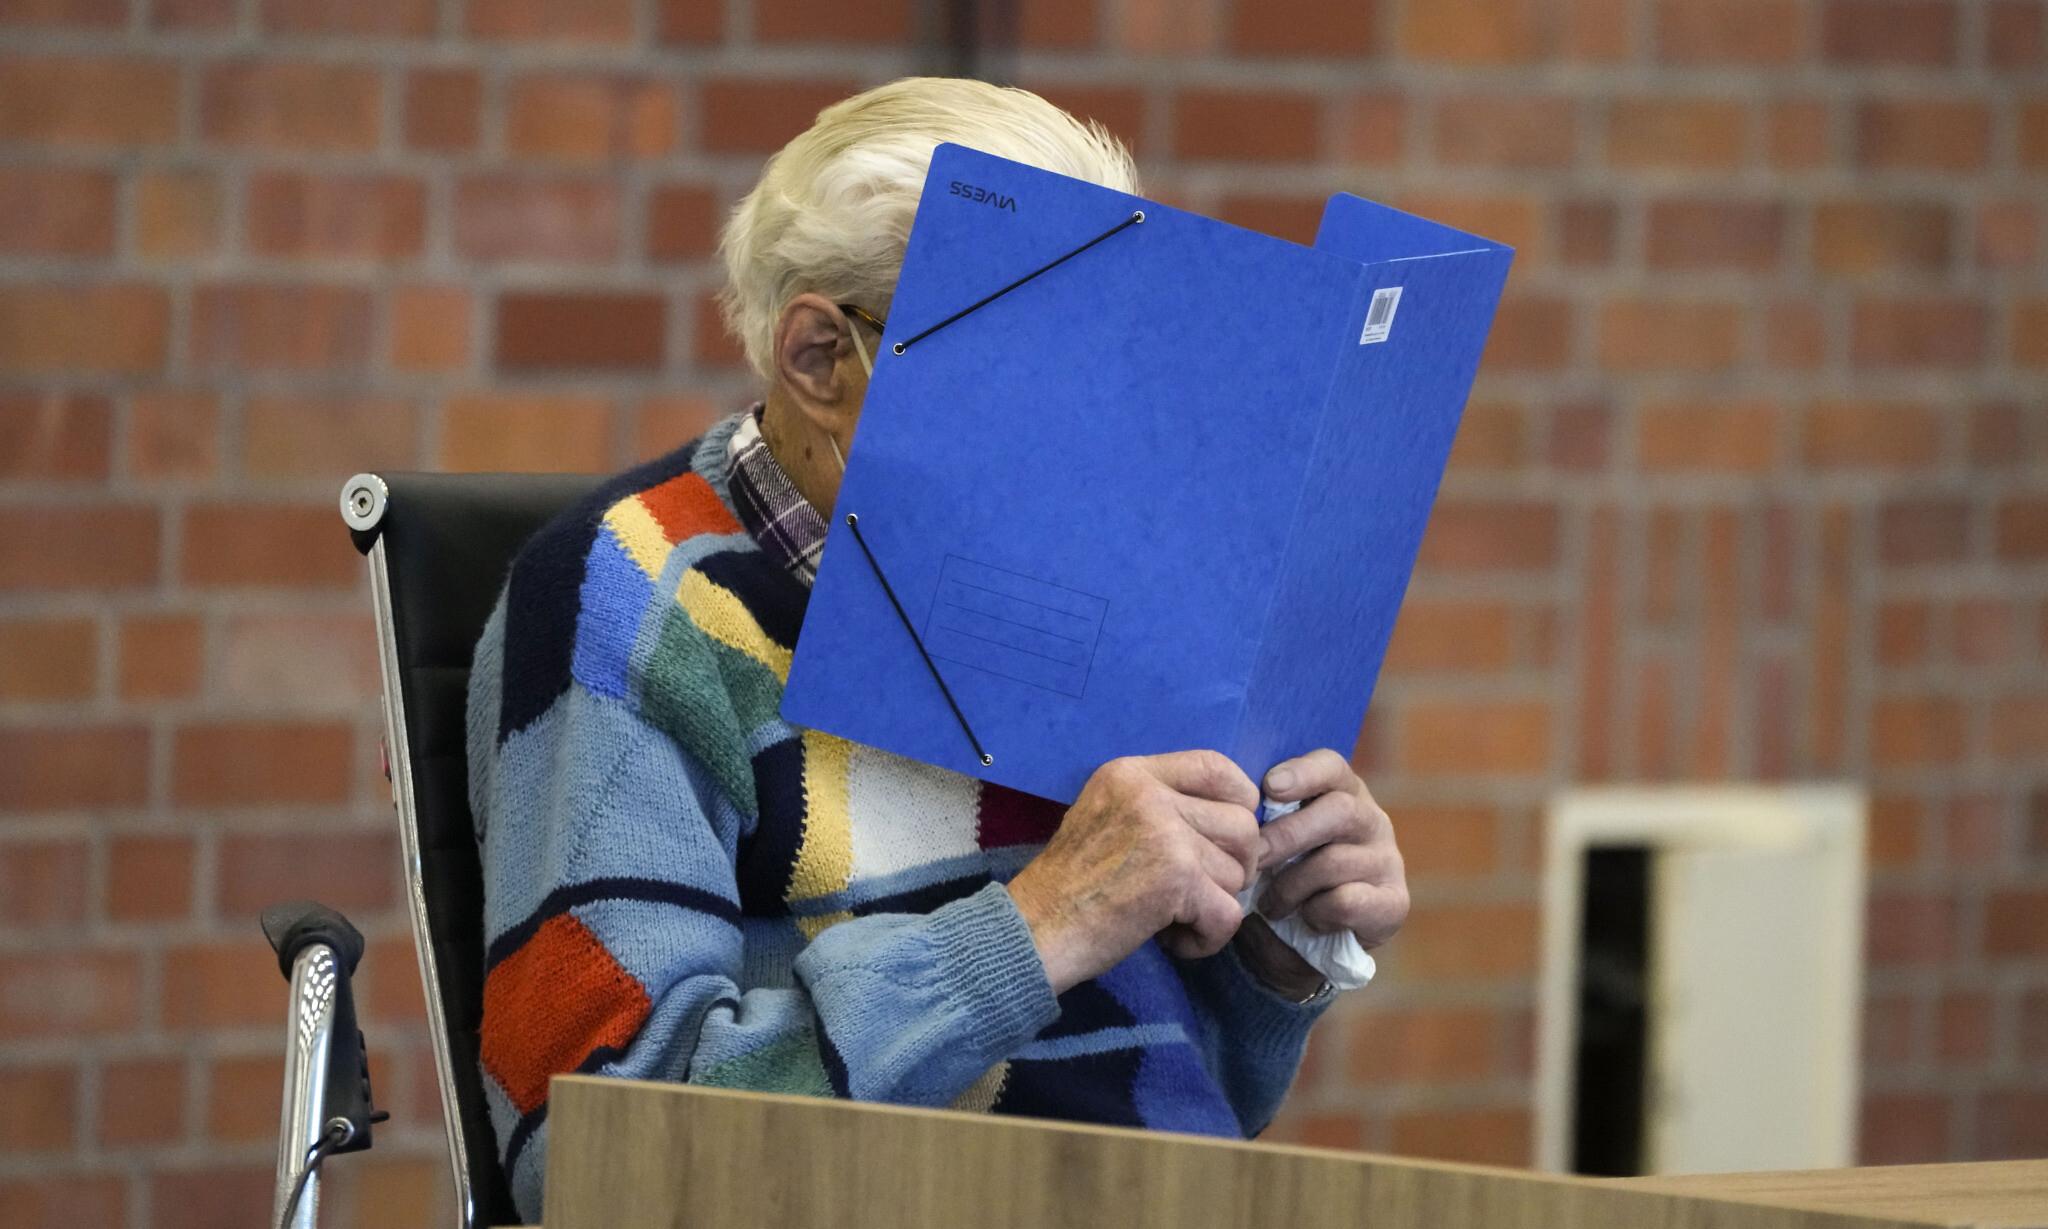 Bị cáo Josef S. che mặt trong phiên tòa tại Neuruppin, bang Brandenburg, Đức, hôm 7/10. Ảnh: AP.